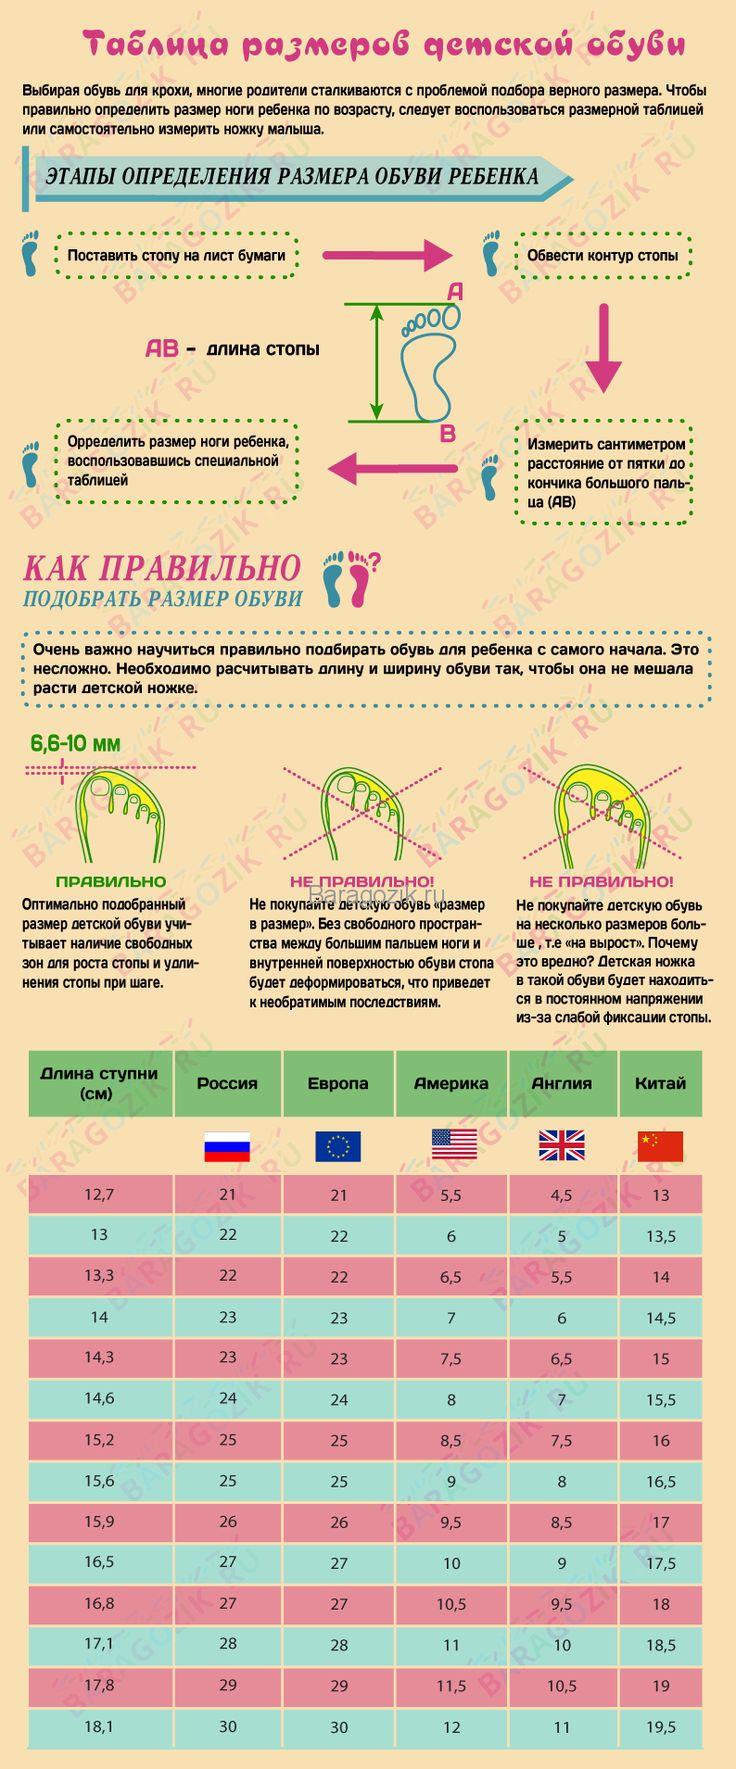 Как правильно определить размер ноги и обуви у ребенка– таблица размеров обуви у детей Россия, США, Европа, Китай и Англия